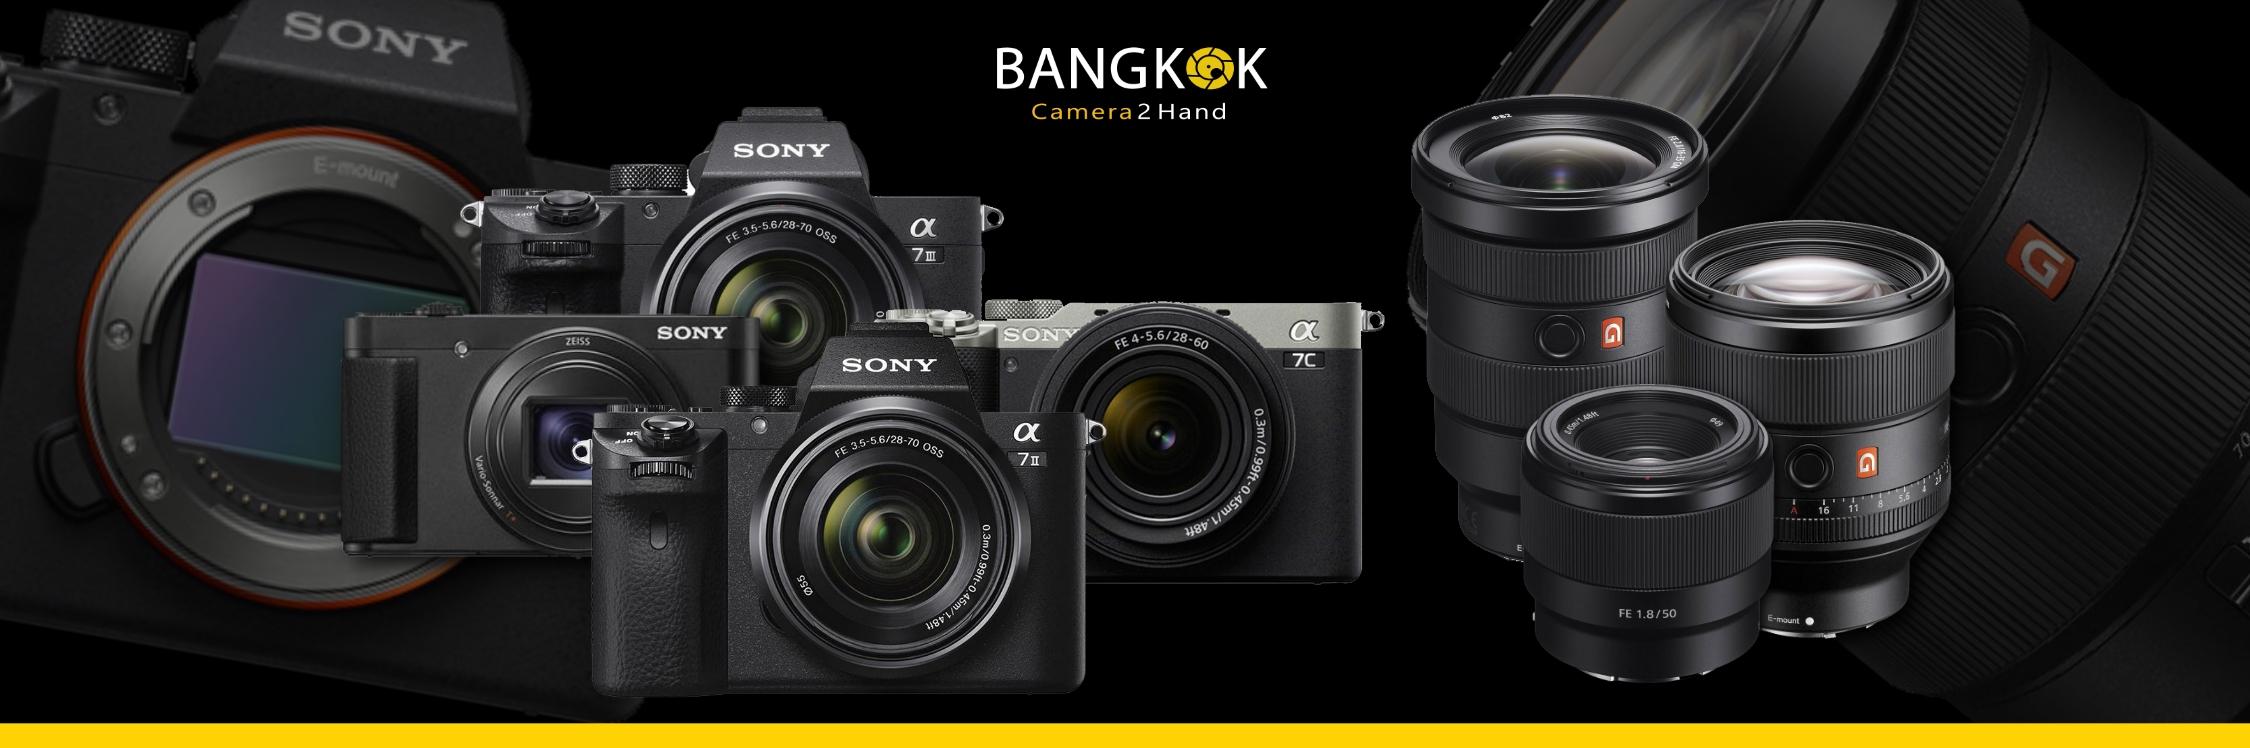 ซื้อขายกล้องโซนี่มือสอง กล้องSonyมือสอง ตลาดขายกล้อง SonyAlpha SonyA7 A7s A7R A9 A9II A7R4